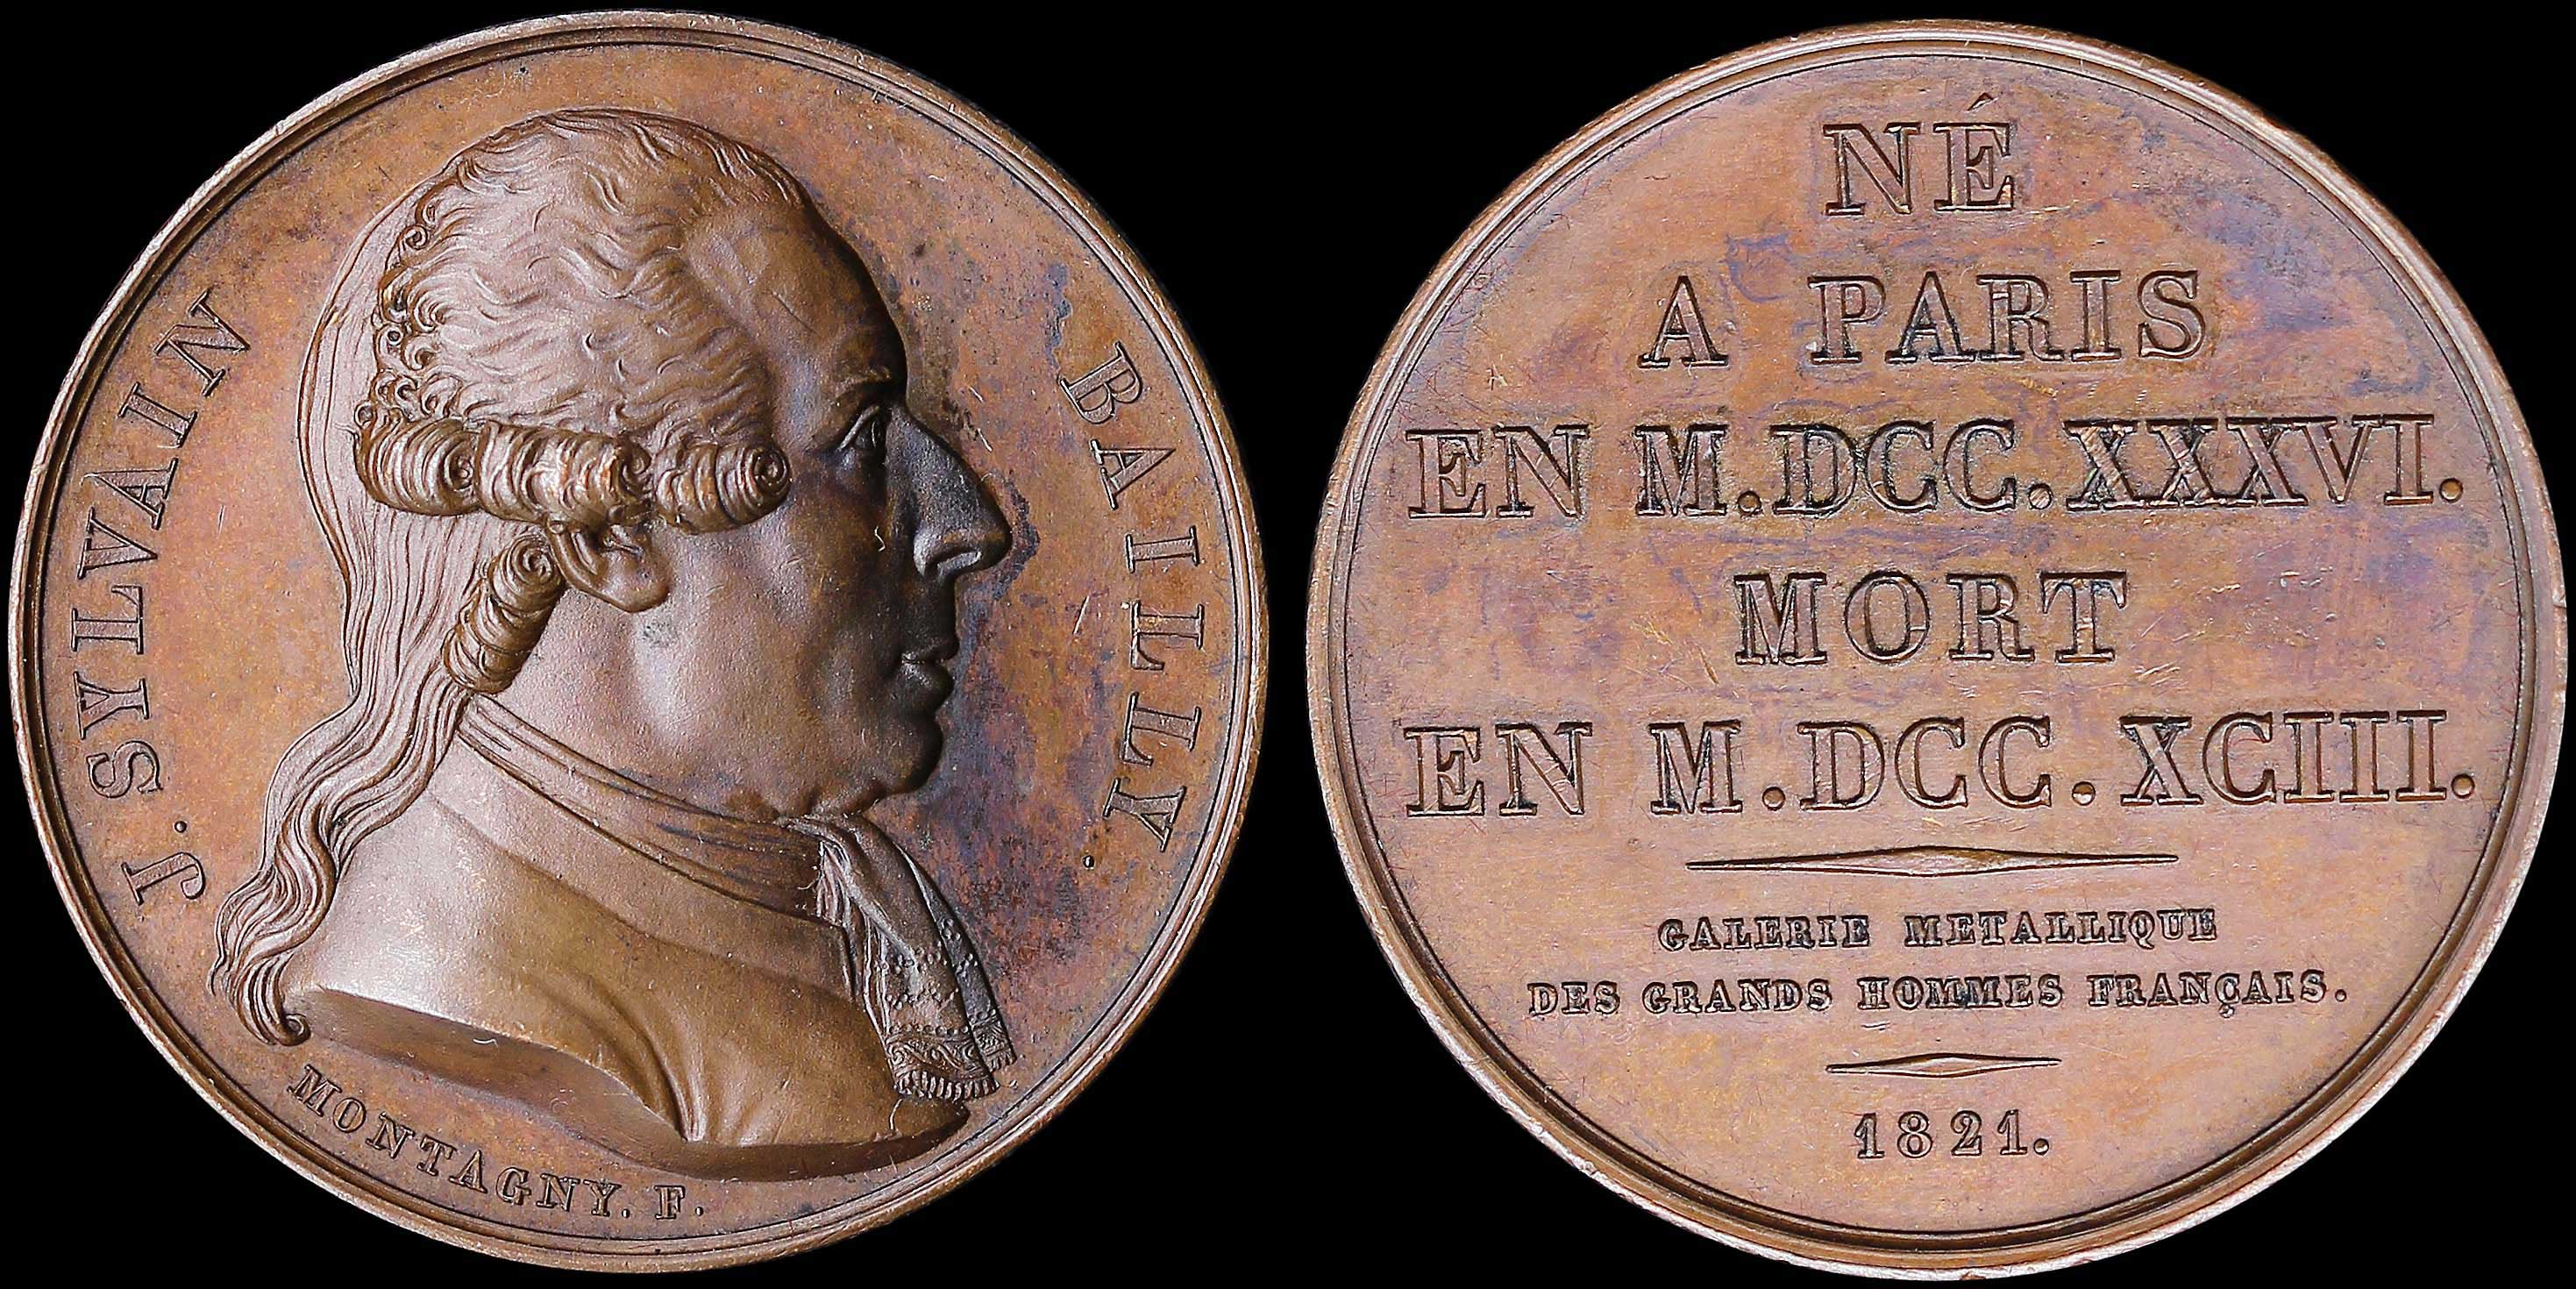 Lot 8978 - -  MEDALS & DECORATIONS FOREIGN MEDALS & DECORATIONS -  A. Karamitsos Public & Live Bid Auction 644 Coins, Medals & Banknotes